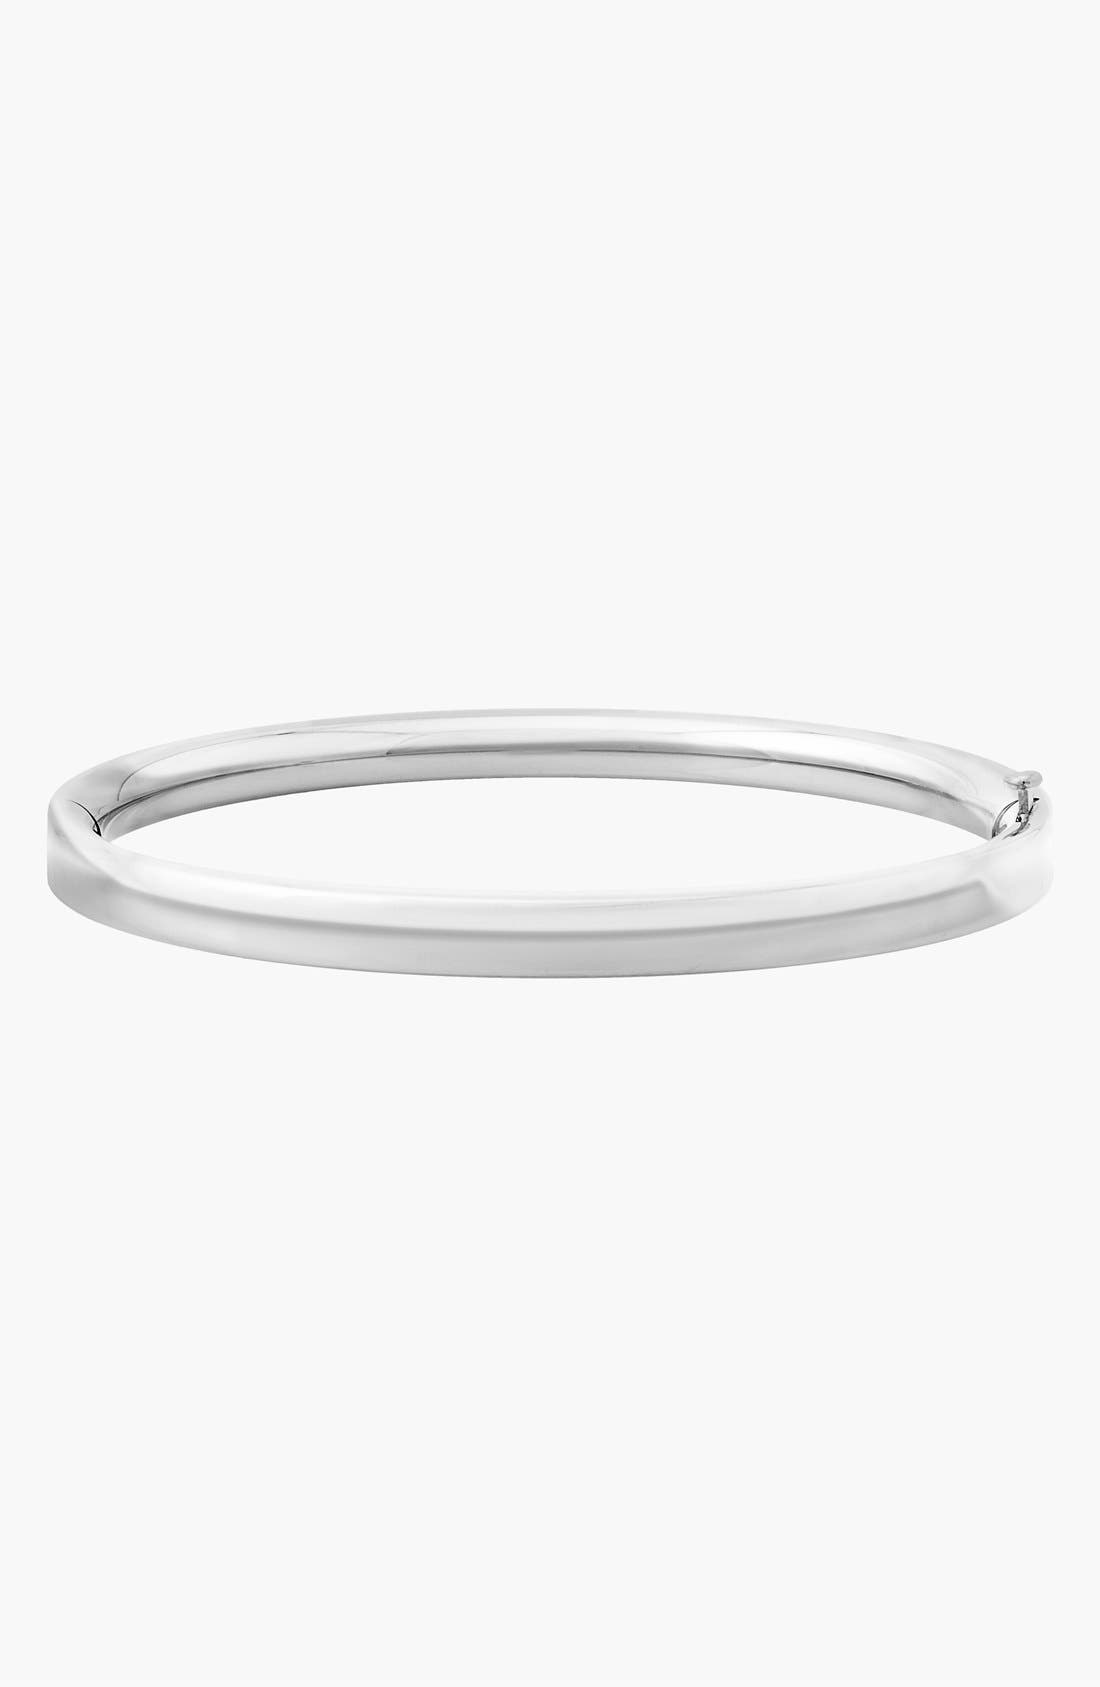 MIGNONETTE 14k White Gold Bracelet